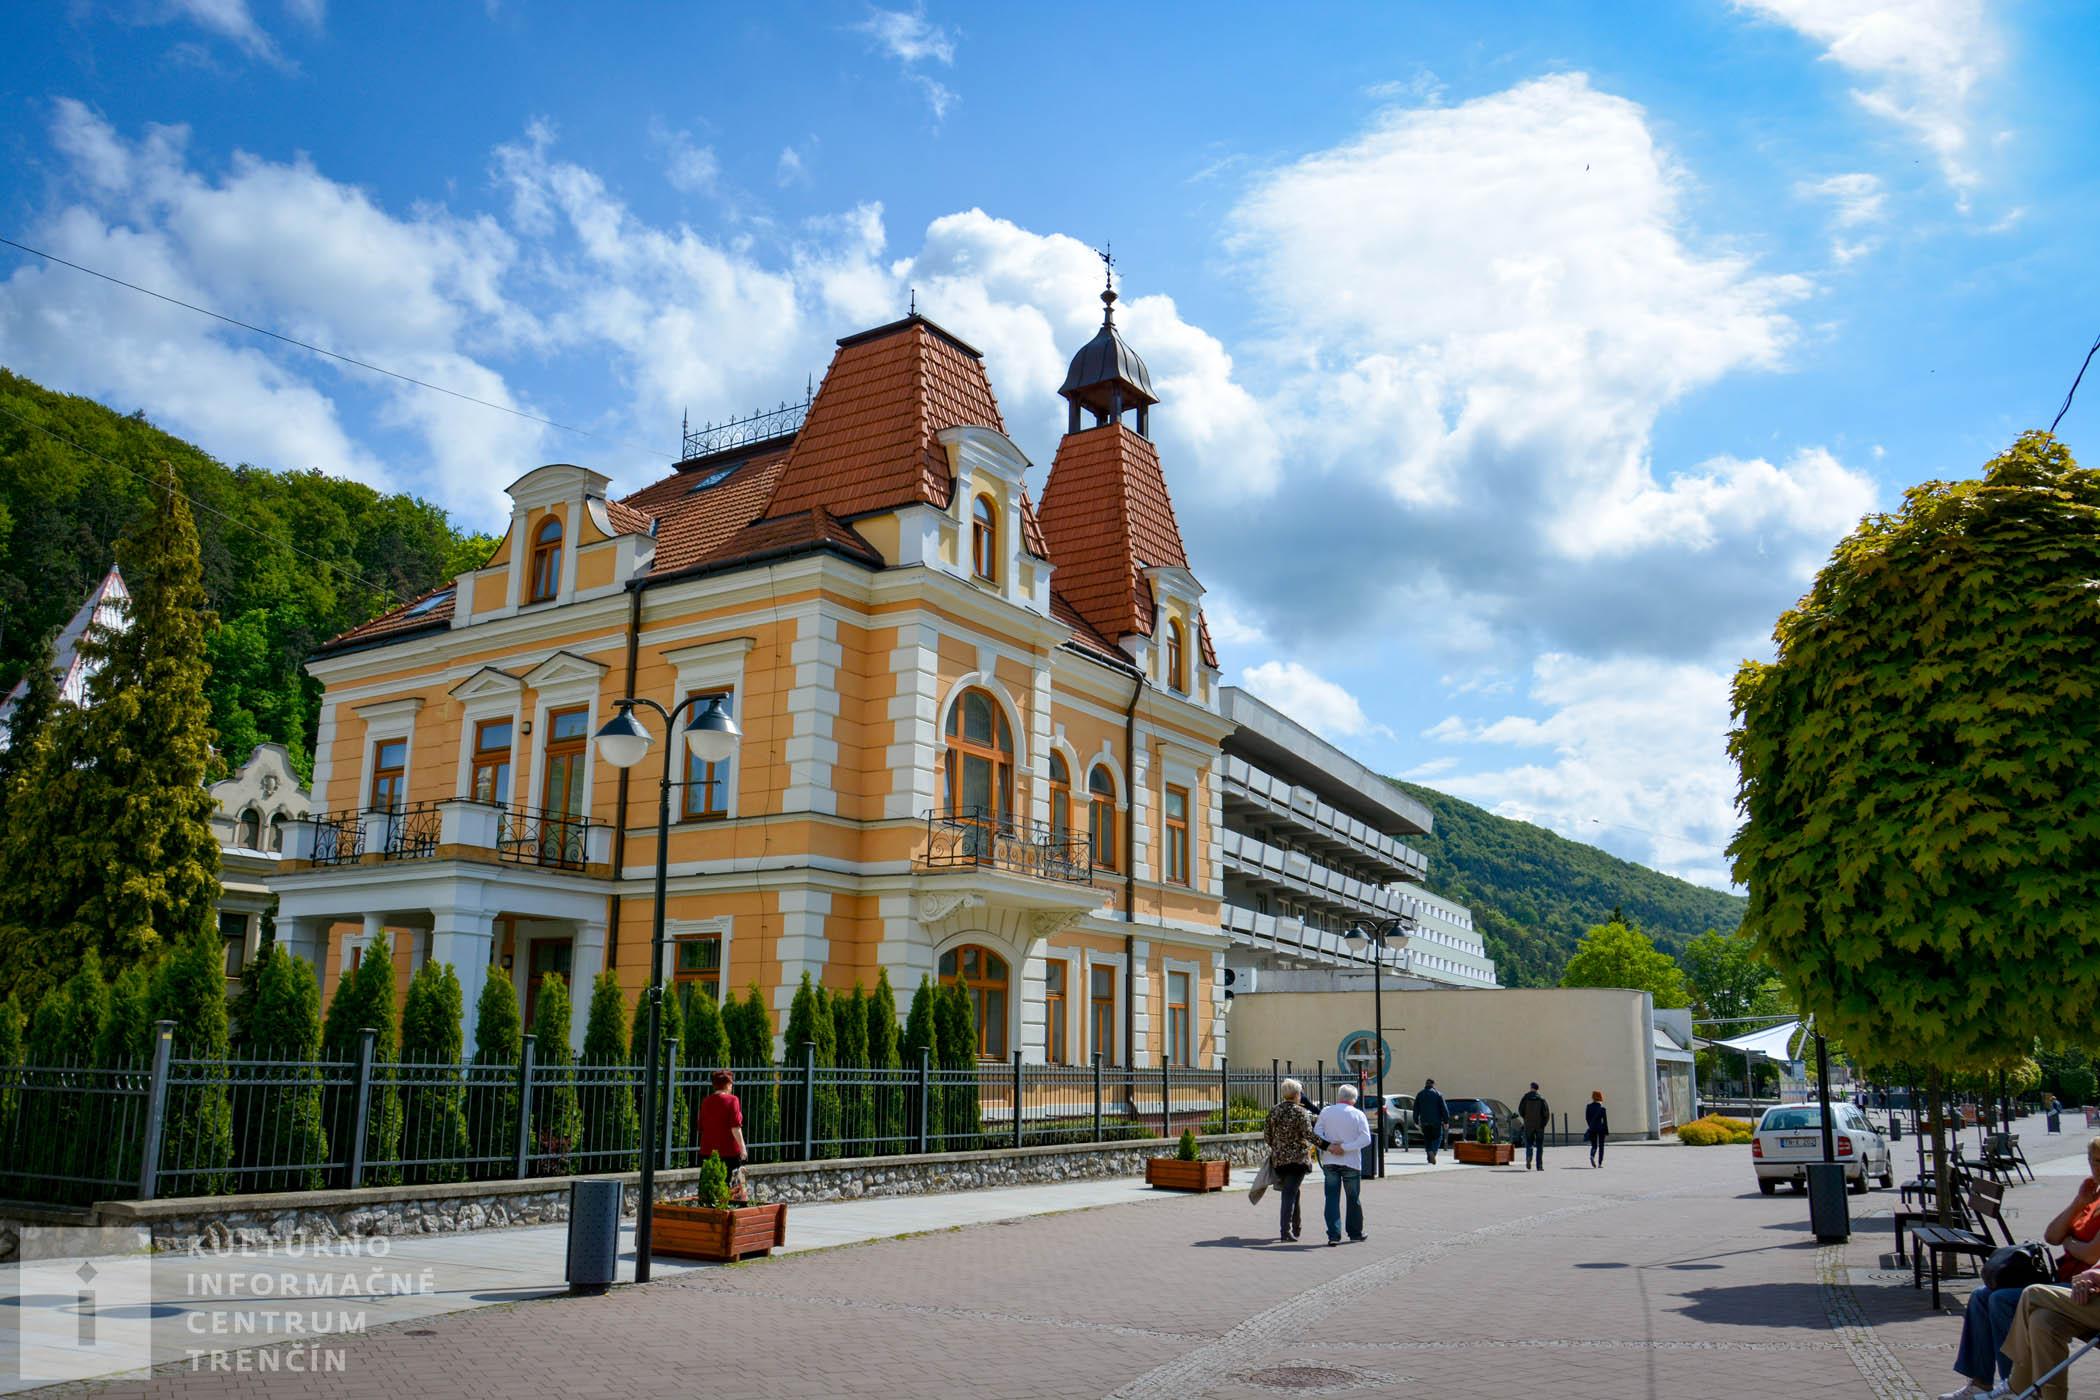 Kúpeľné mesto Trenčianske Teplice/Spa town Trenčianske Teplice